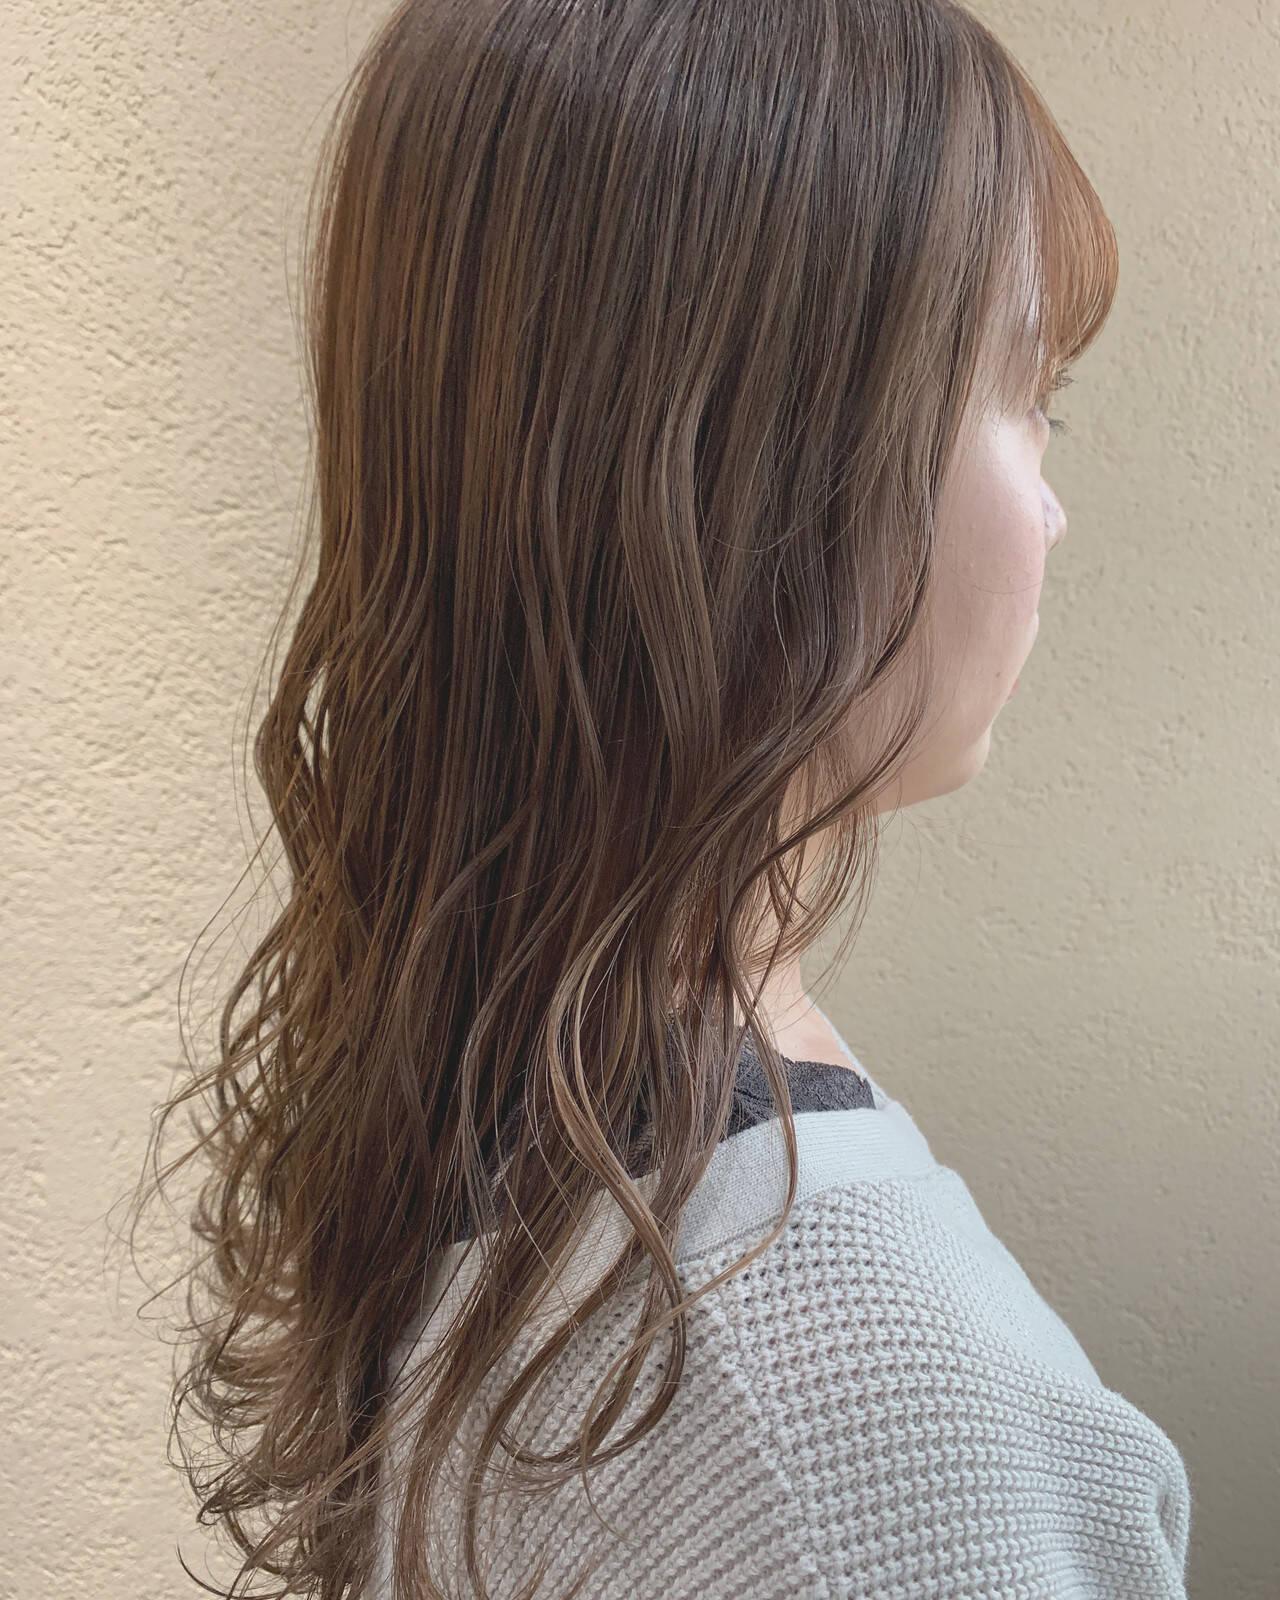 セミロング オリーブグレージュ ミルクティーベージュ アッシュグレージュヘアスタイルや髪型の写真・画像